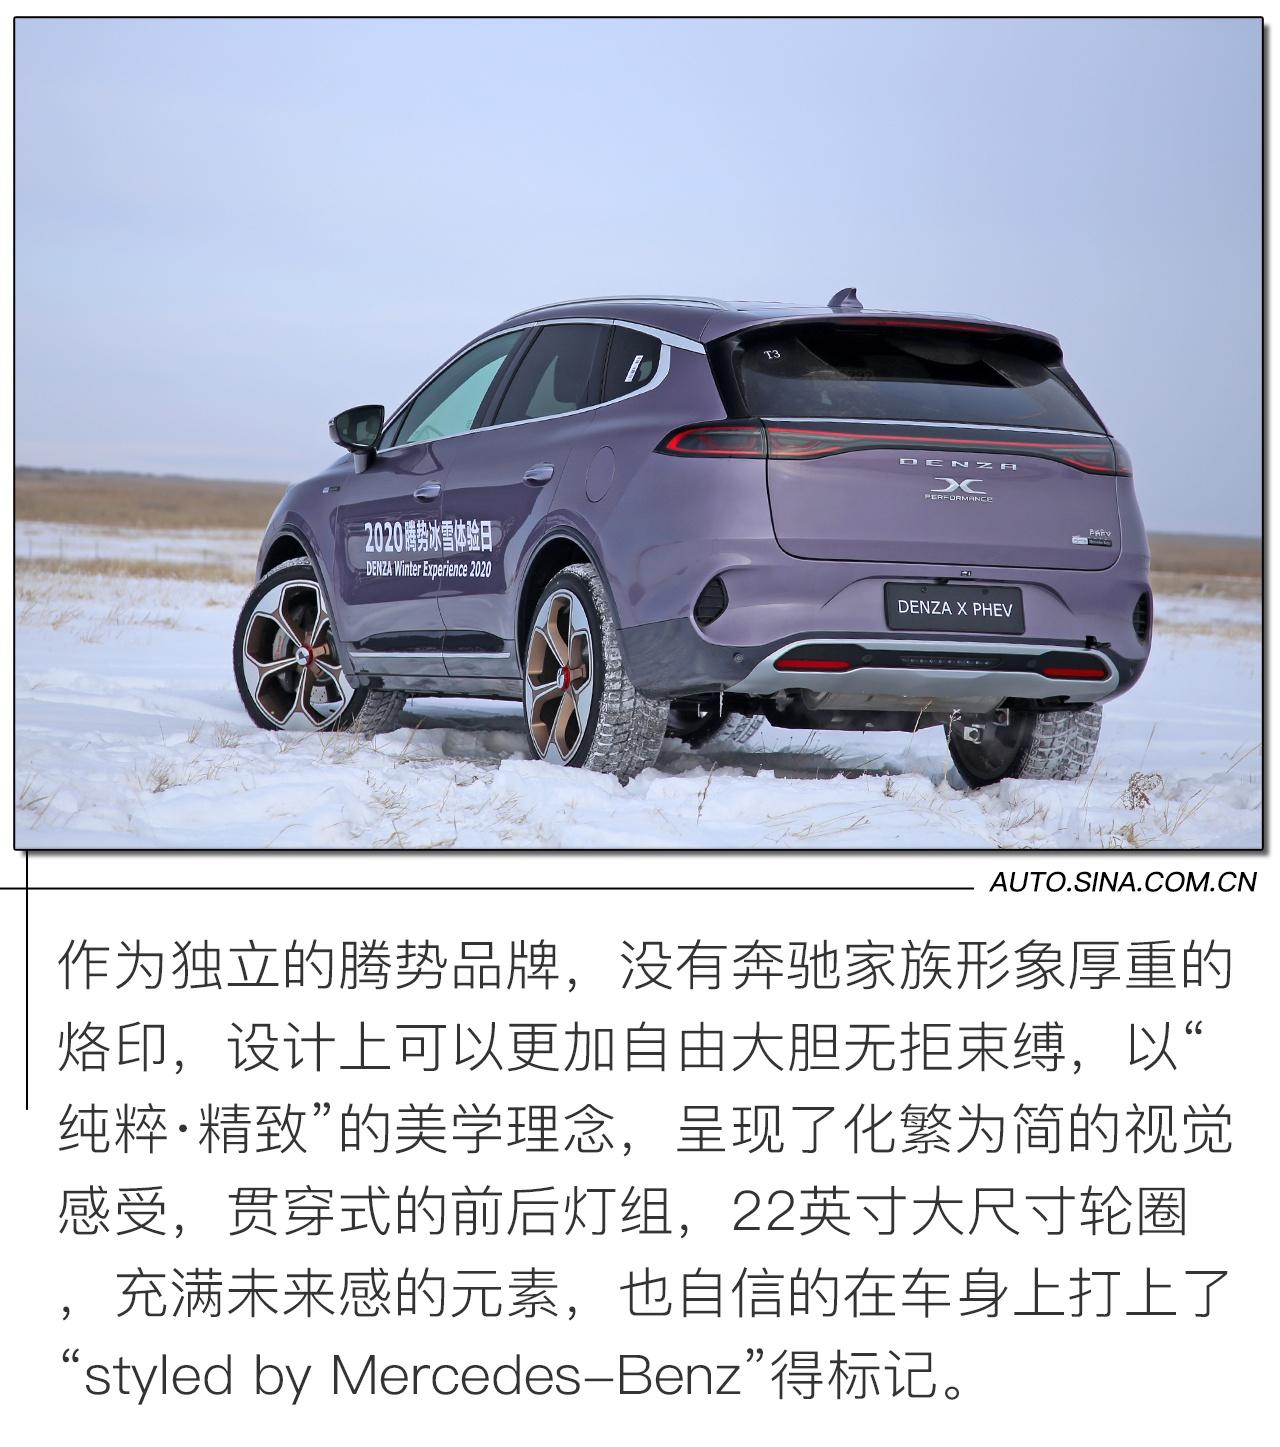 腾势X动态首秀成最大彩蛋 2020奔驰冰雪驾乘体验